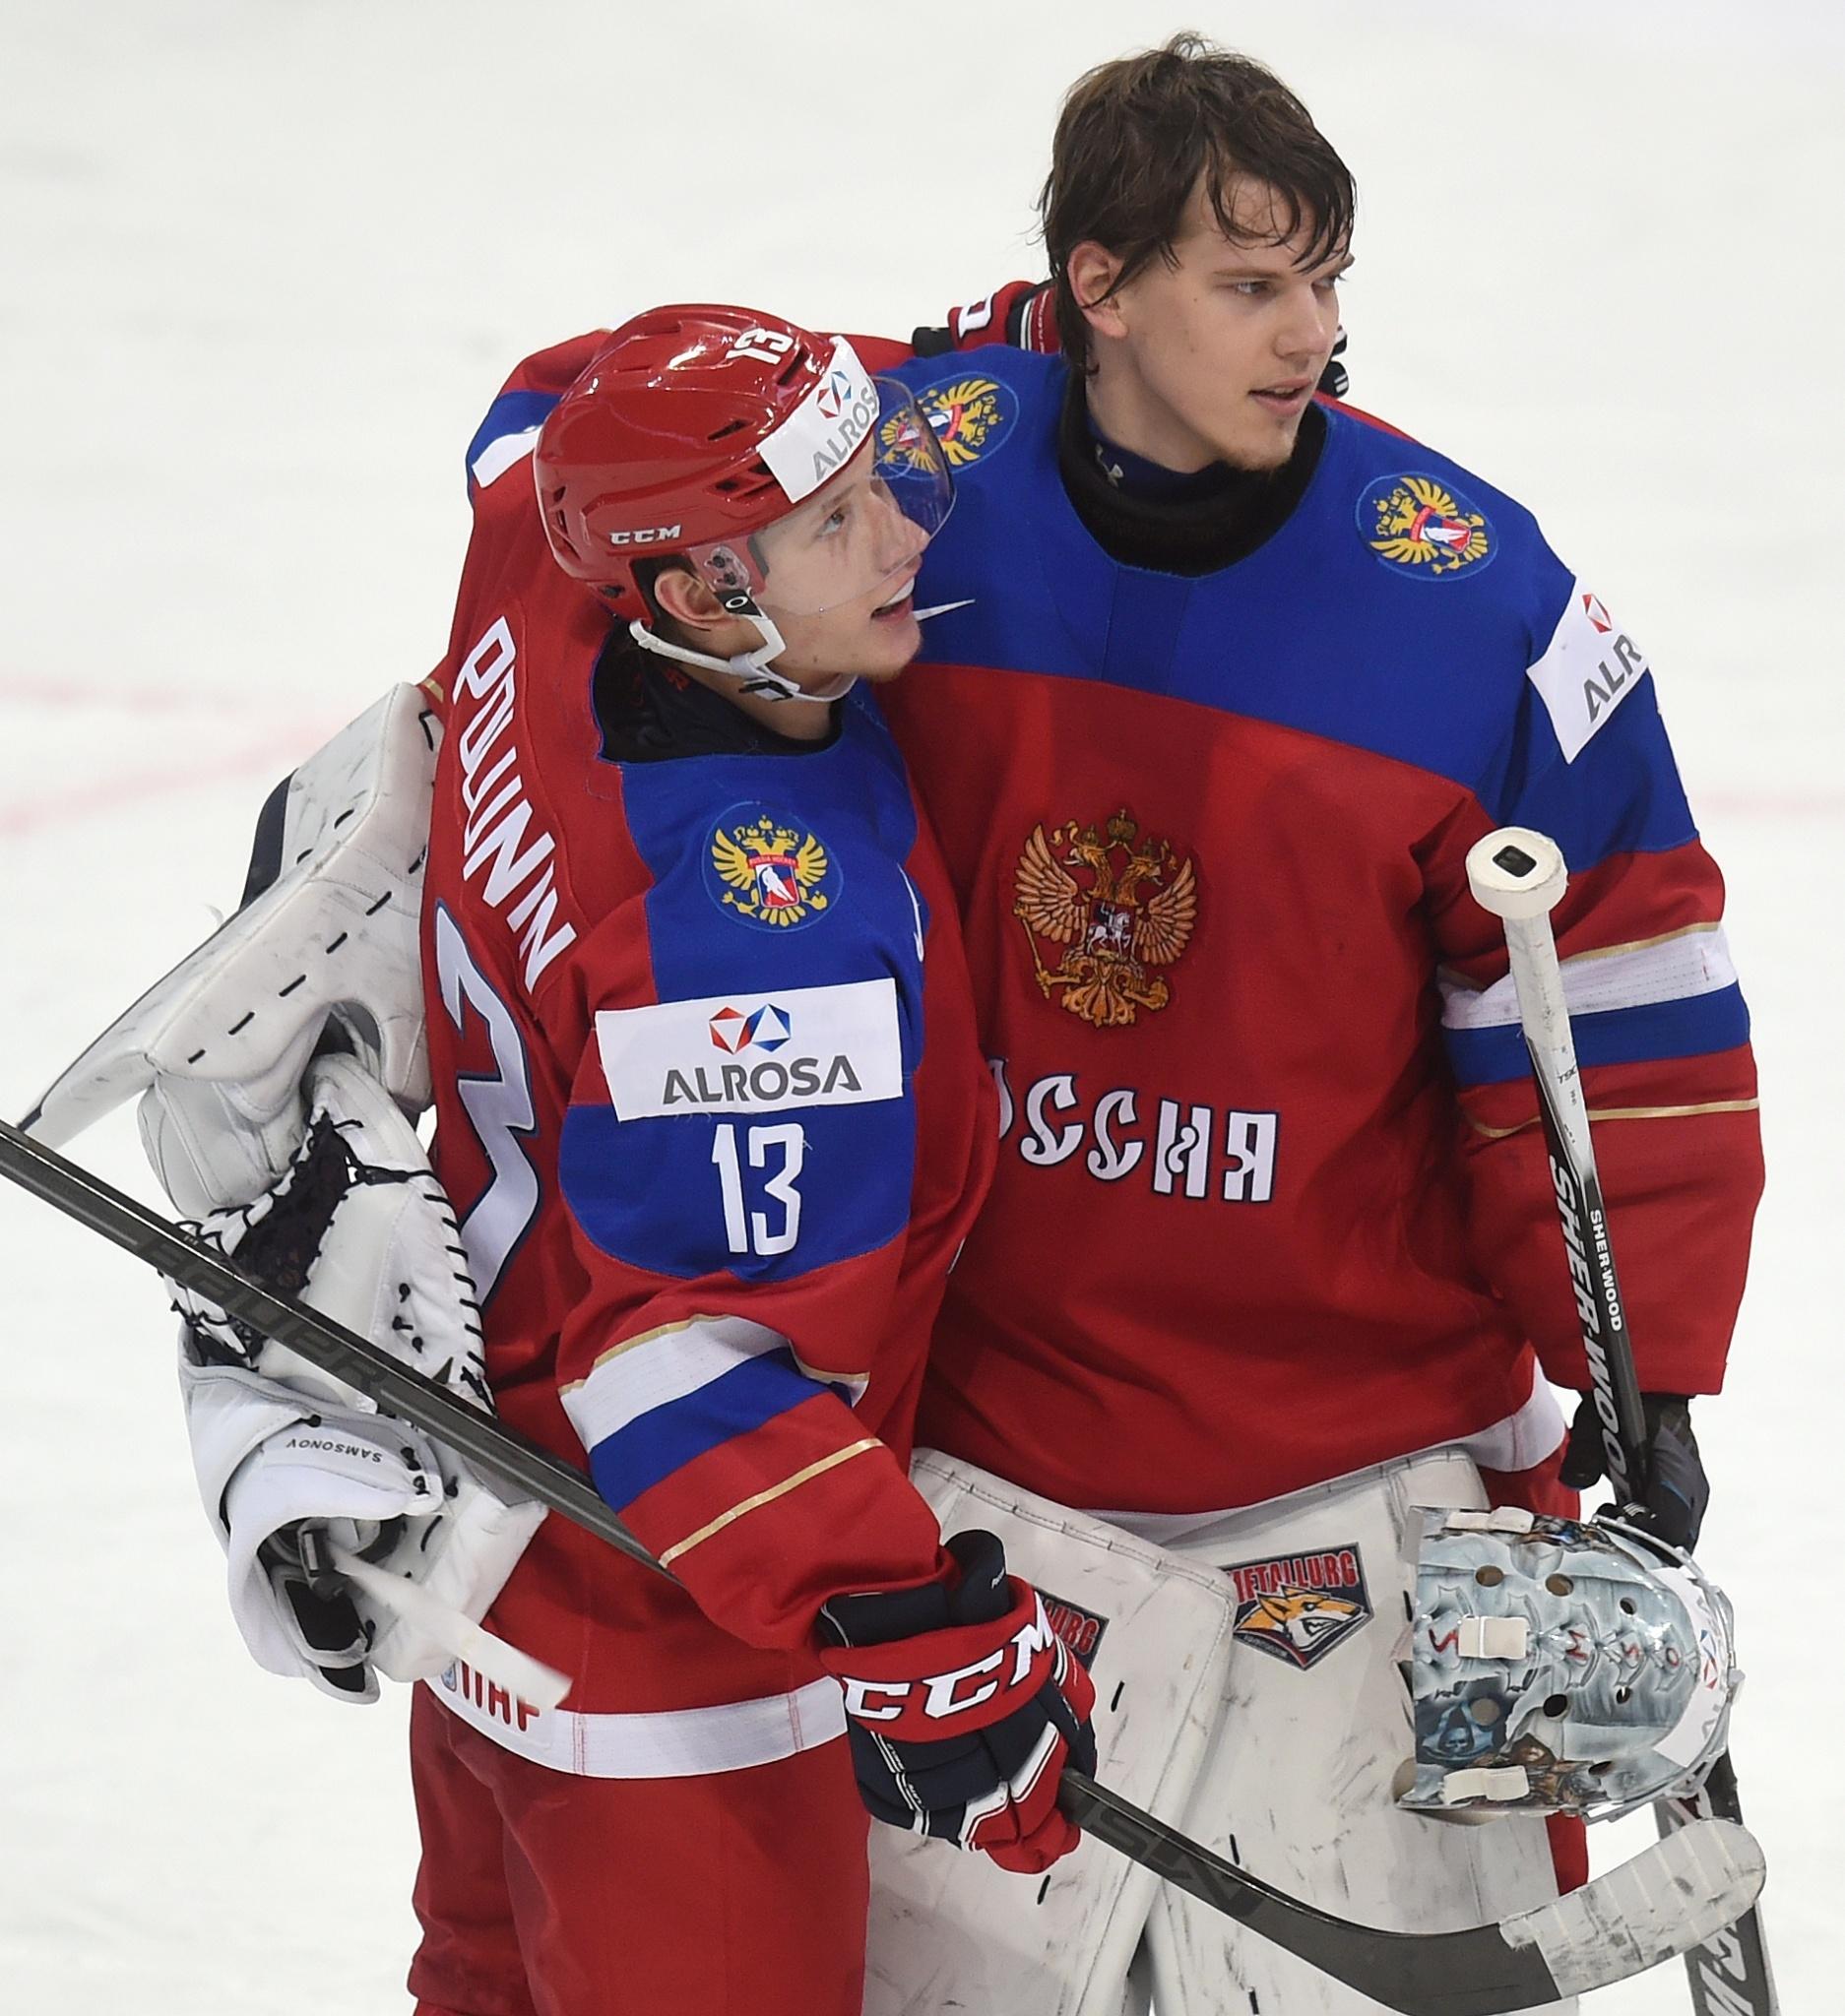 Александр Полунин и Илья Самсонов поле победы в полуфинале МЧМ-2016. Фото: Юрий Кузьмин